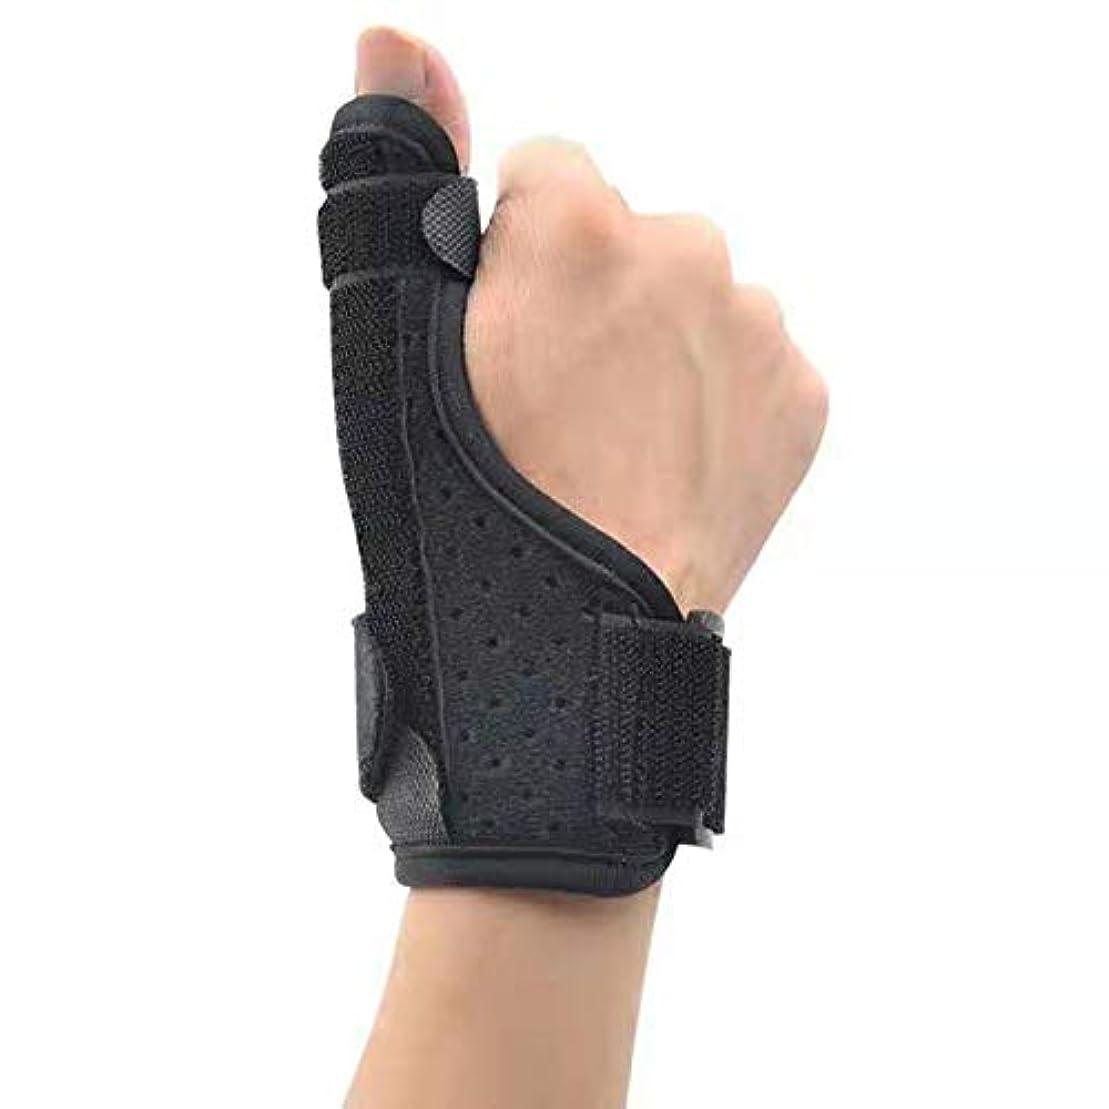 グラフ効果的にマディソン腱鞘炎トリガー手根管人の女性のために修正された唯一の1個手首のサポートサムスプリント手首ブレース指アーマー親指捻挫破壊